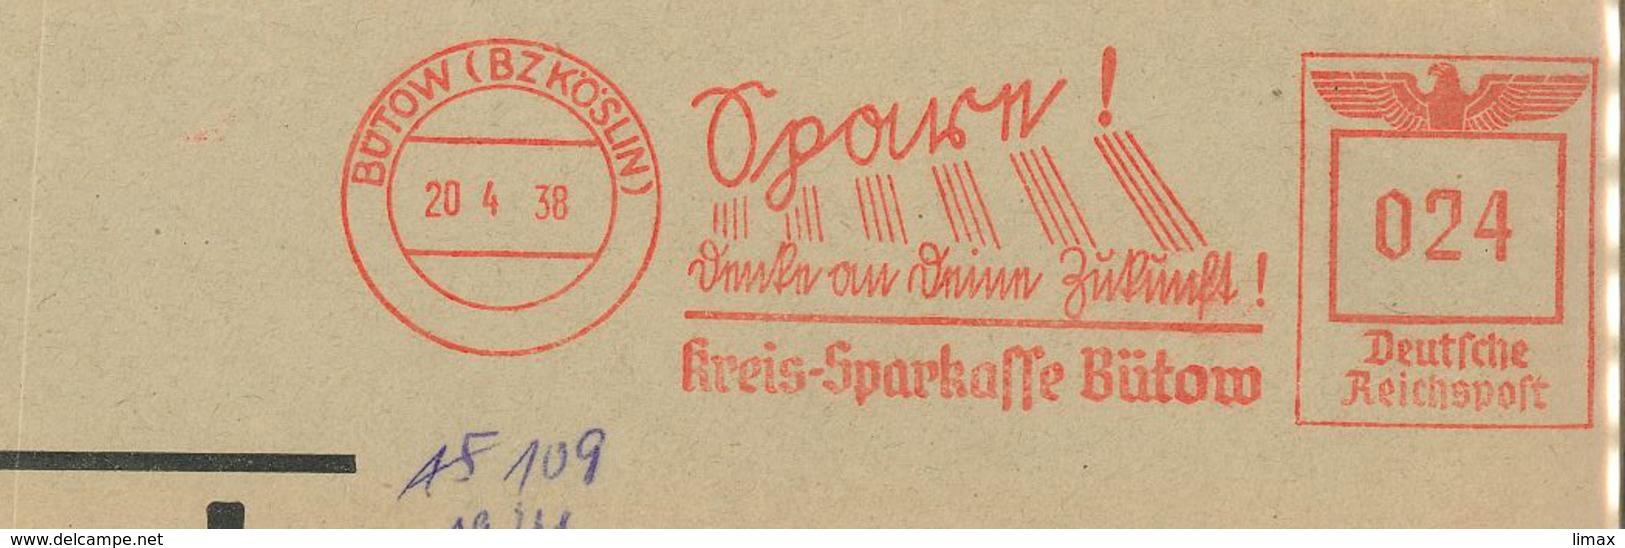 Frankotyp F Bütow Köslin Spare Zukunft Kreis Sparkasse - Allemagne